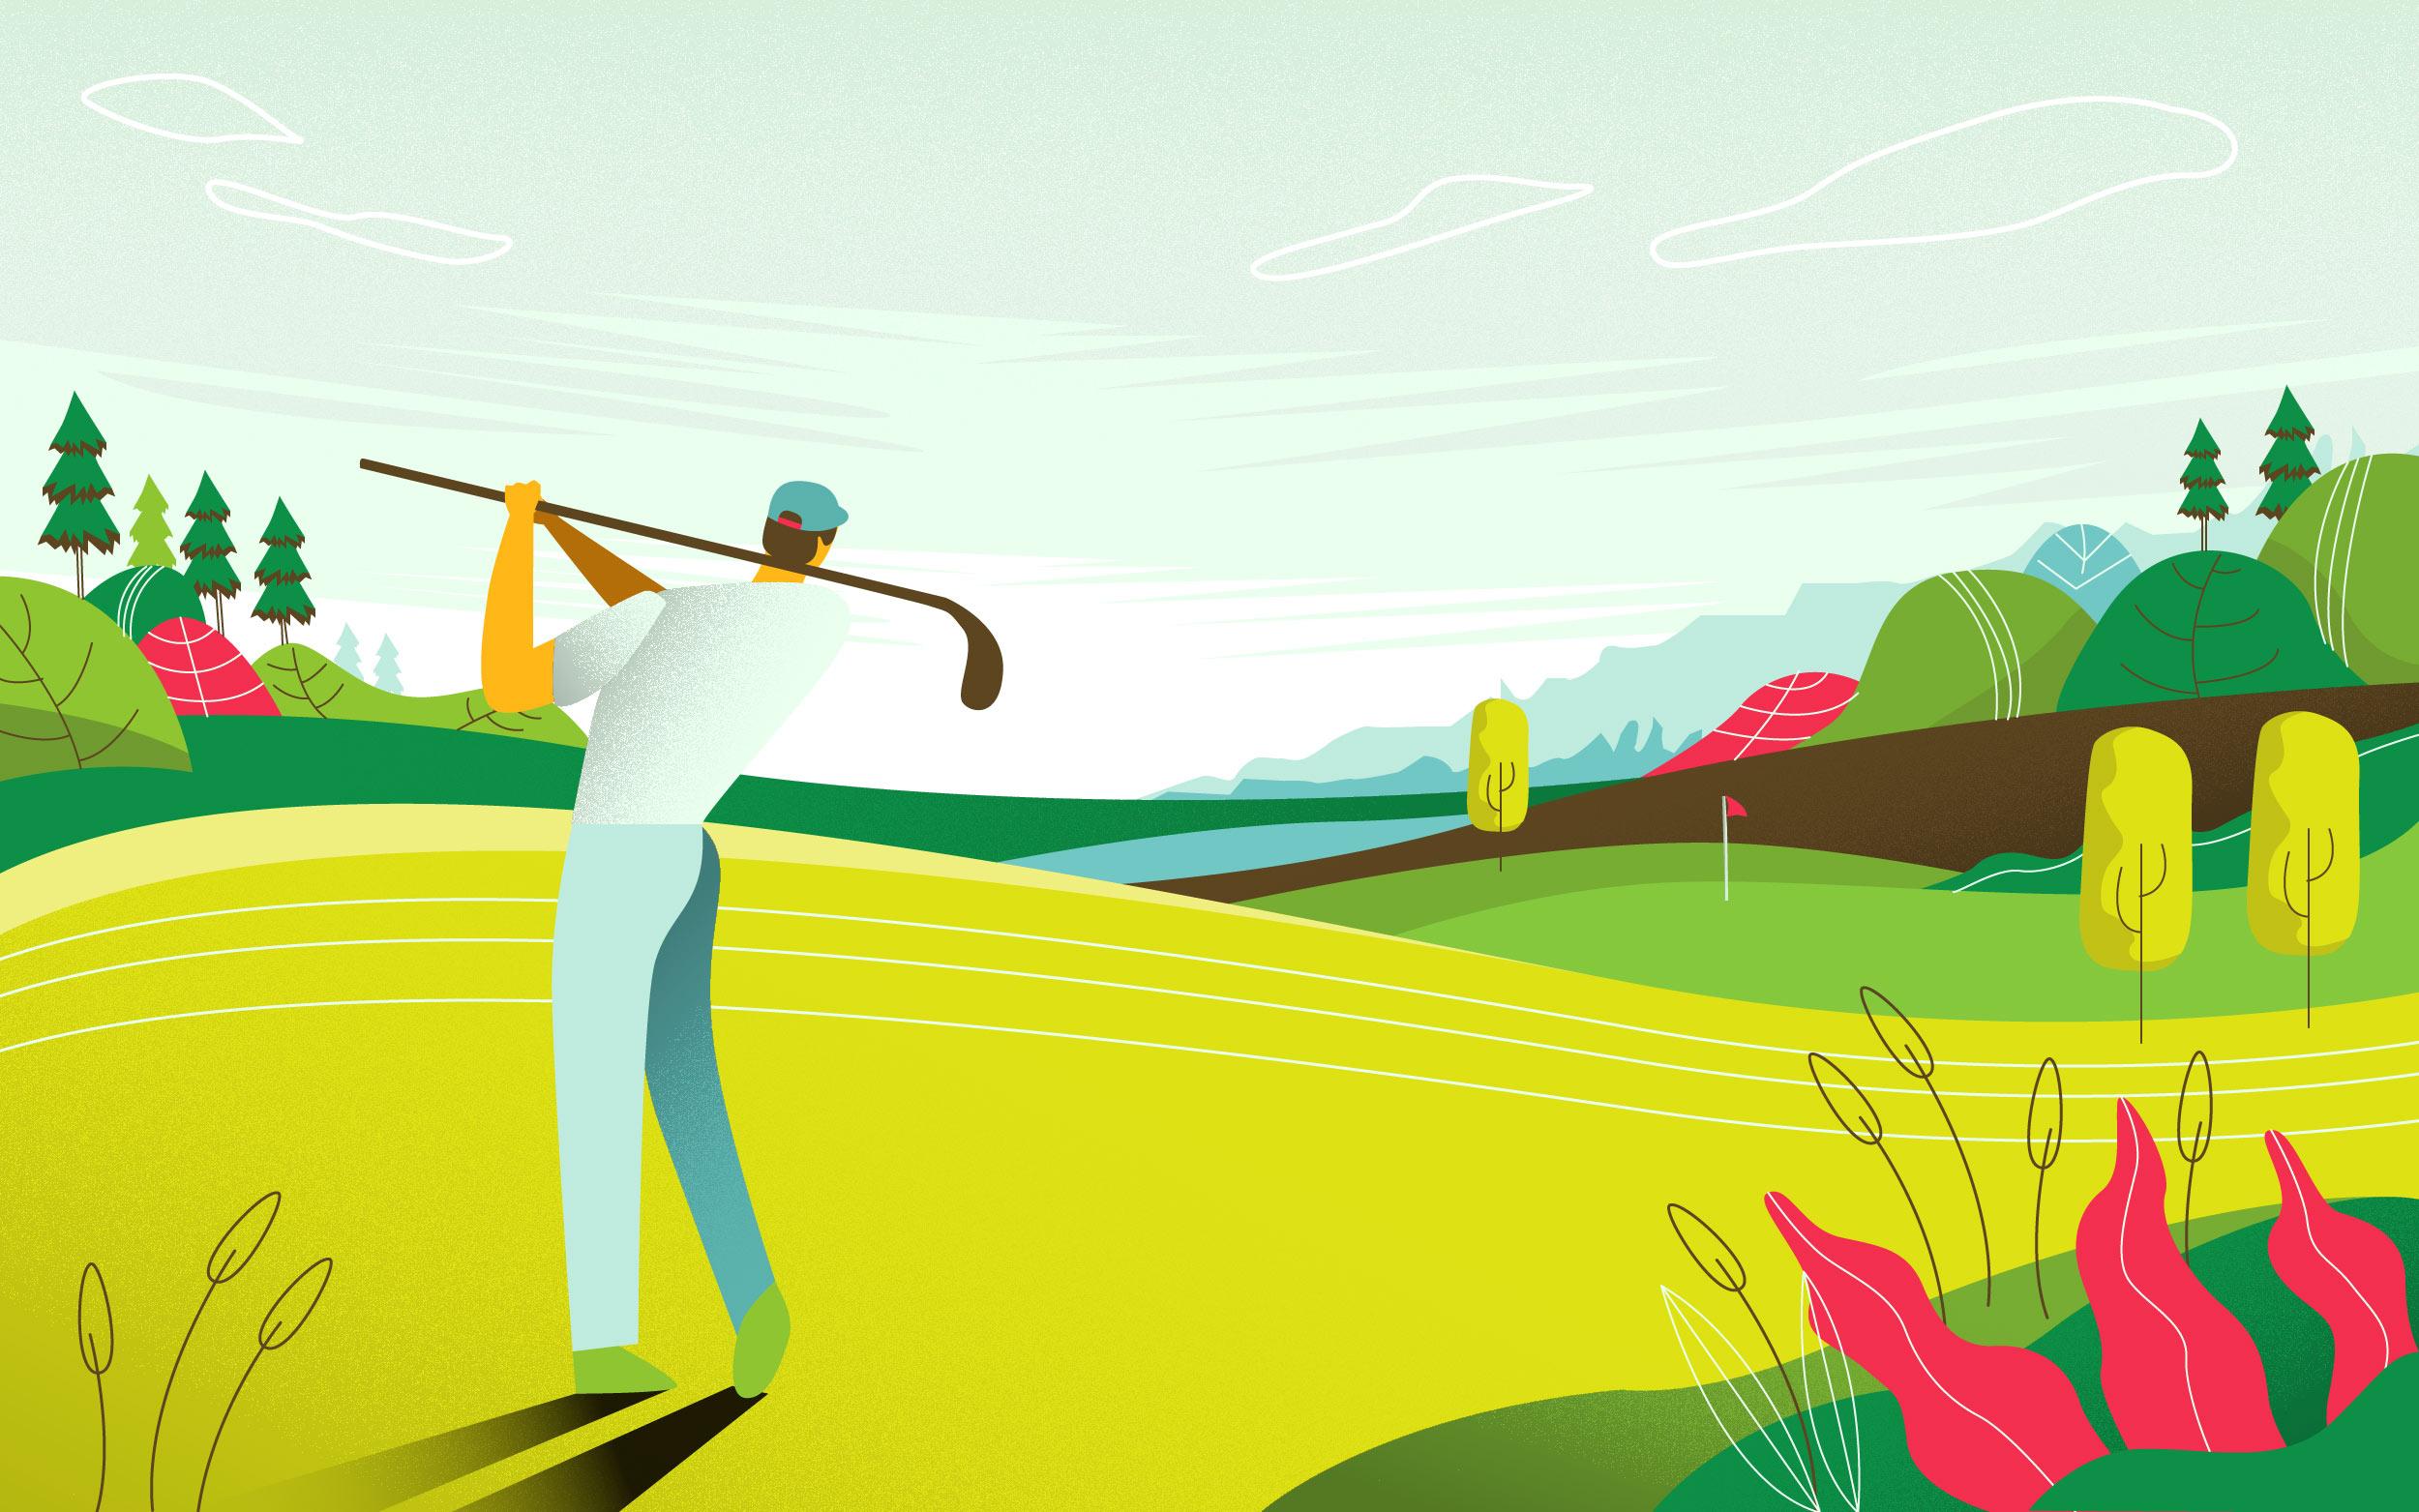 Landscape Illustration Vector Free: Landscape View Golf Course Tournament Map Vector Flat